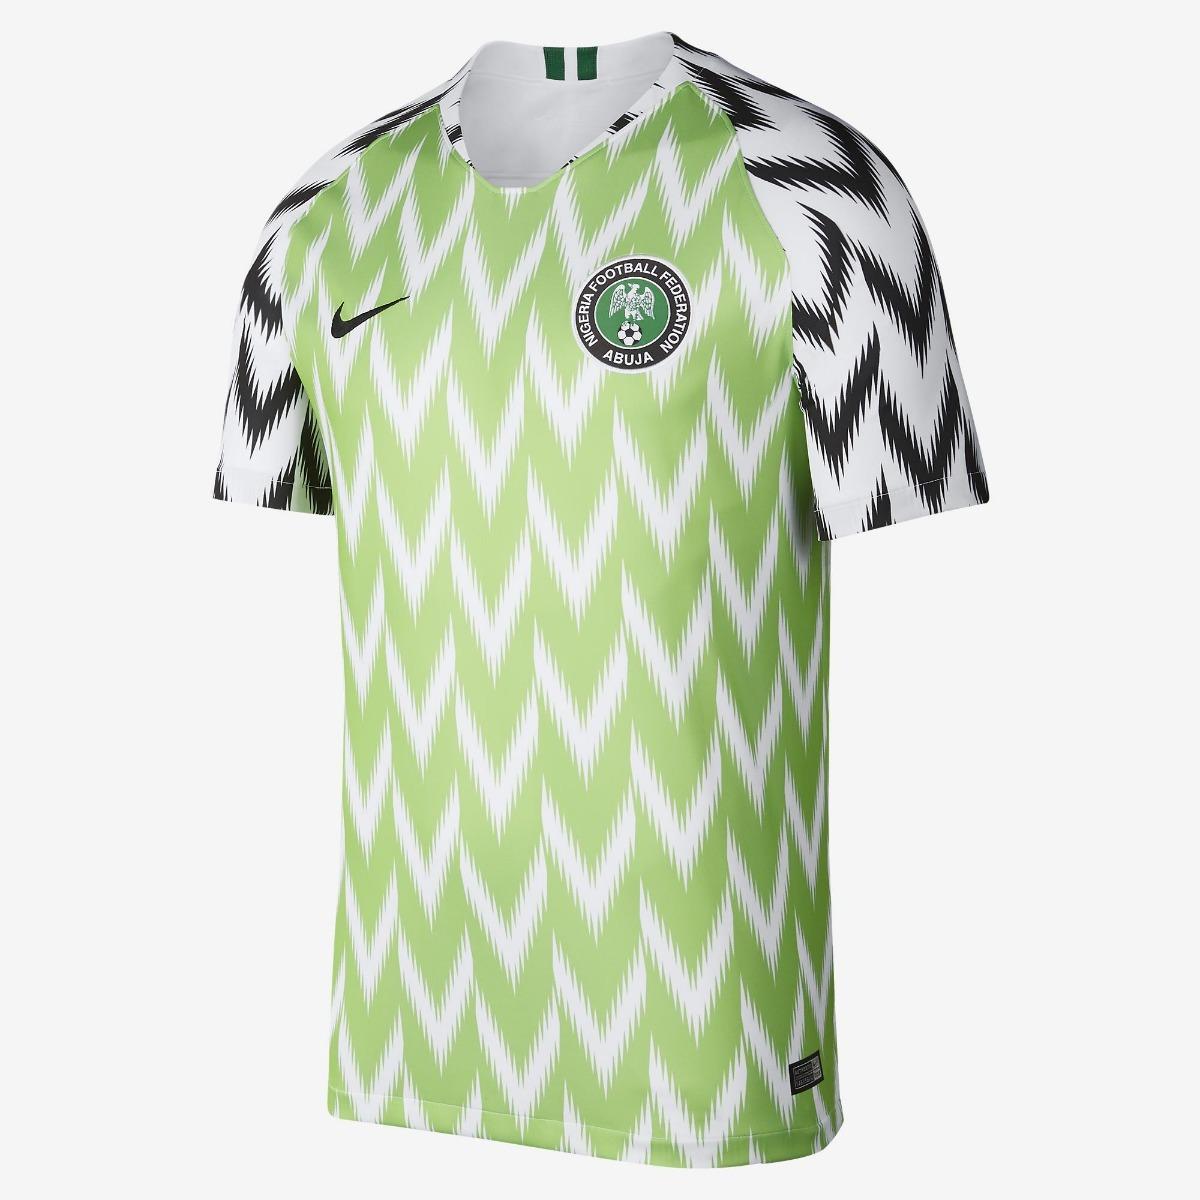 d21bda8f2a Camisa Nigéria Nike Original Oficial 2018 Pronta Entrega - R  129